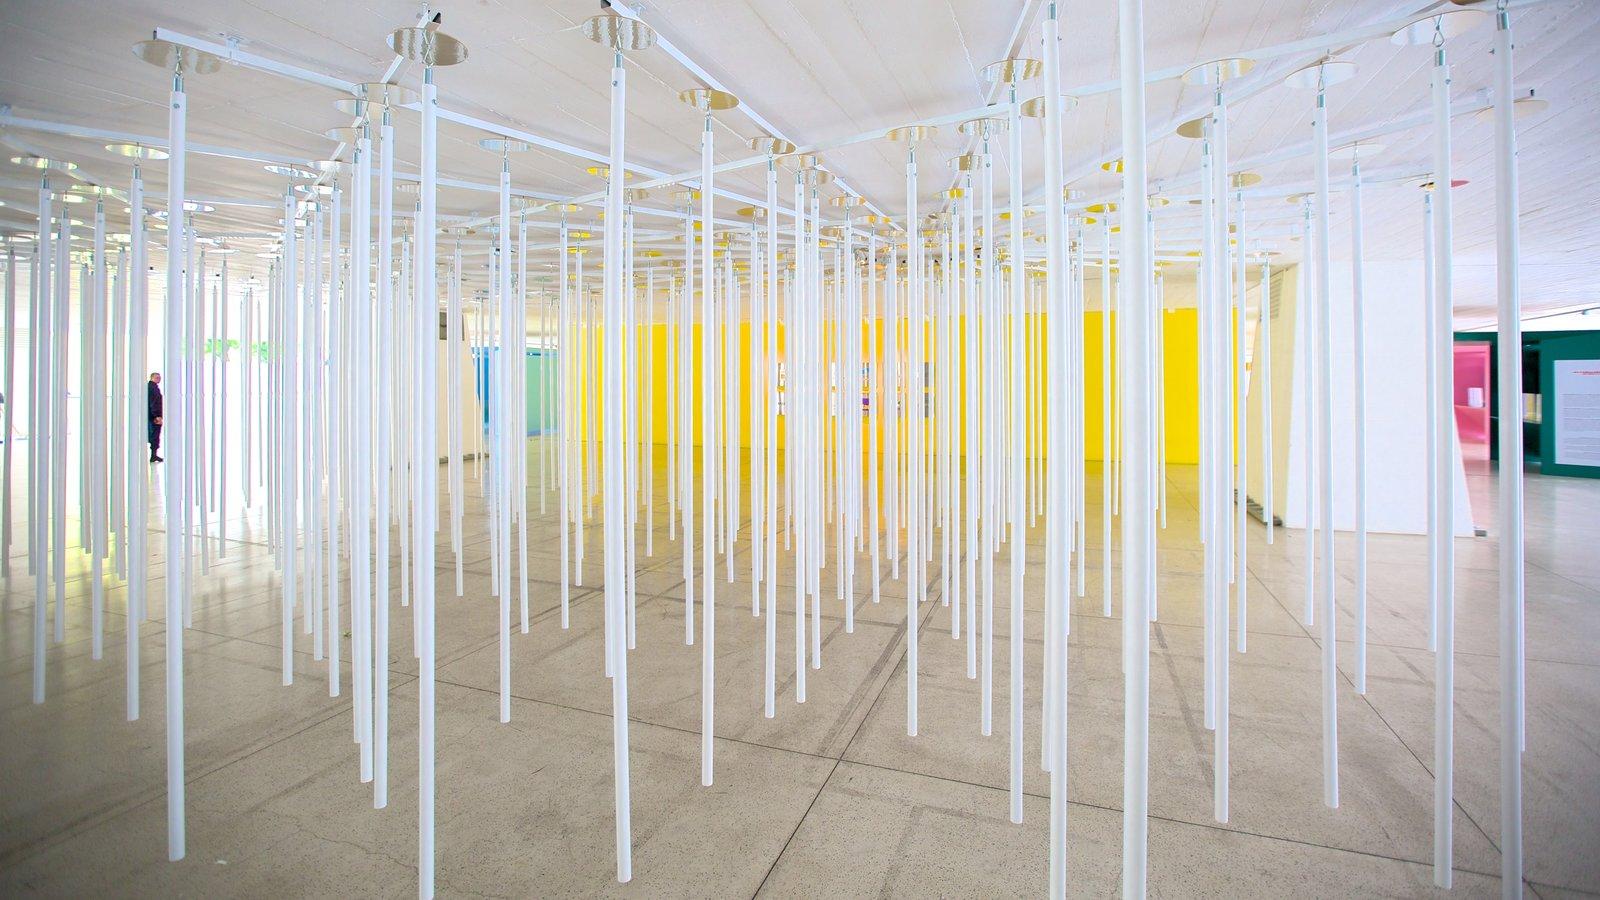 Museu Oscar Niemeyer mostrando arte e vistas internas